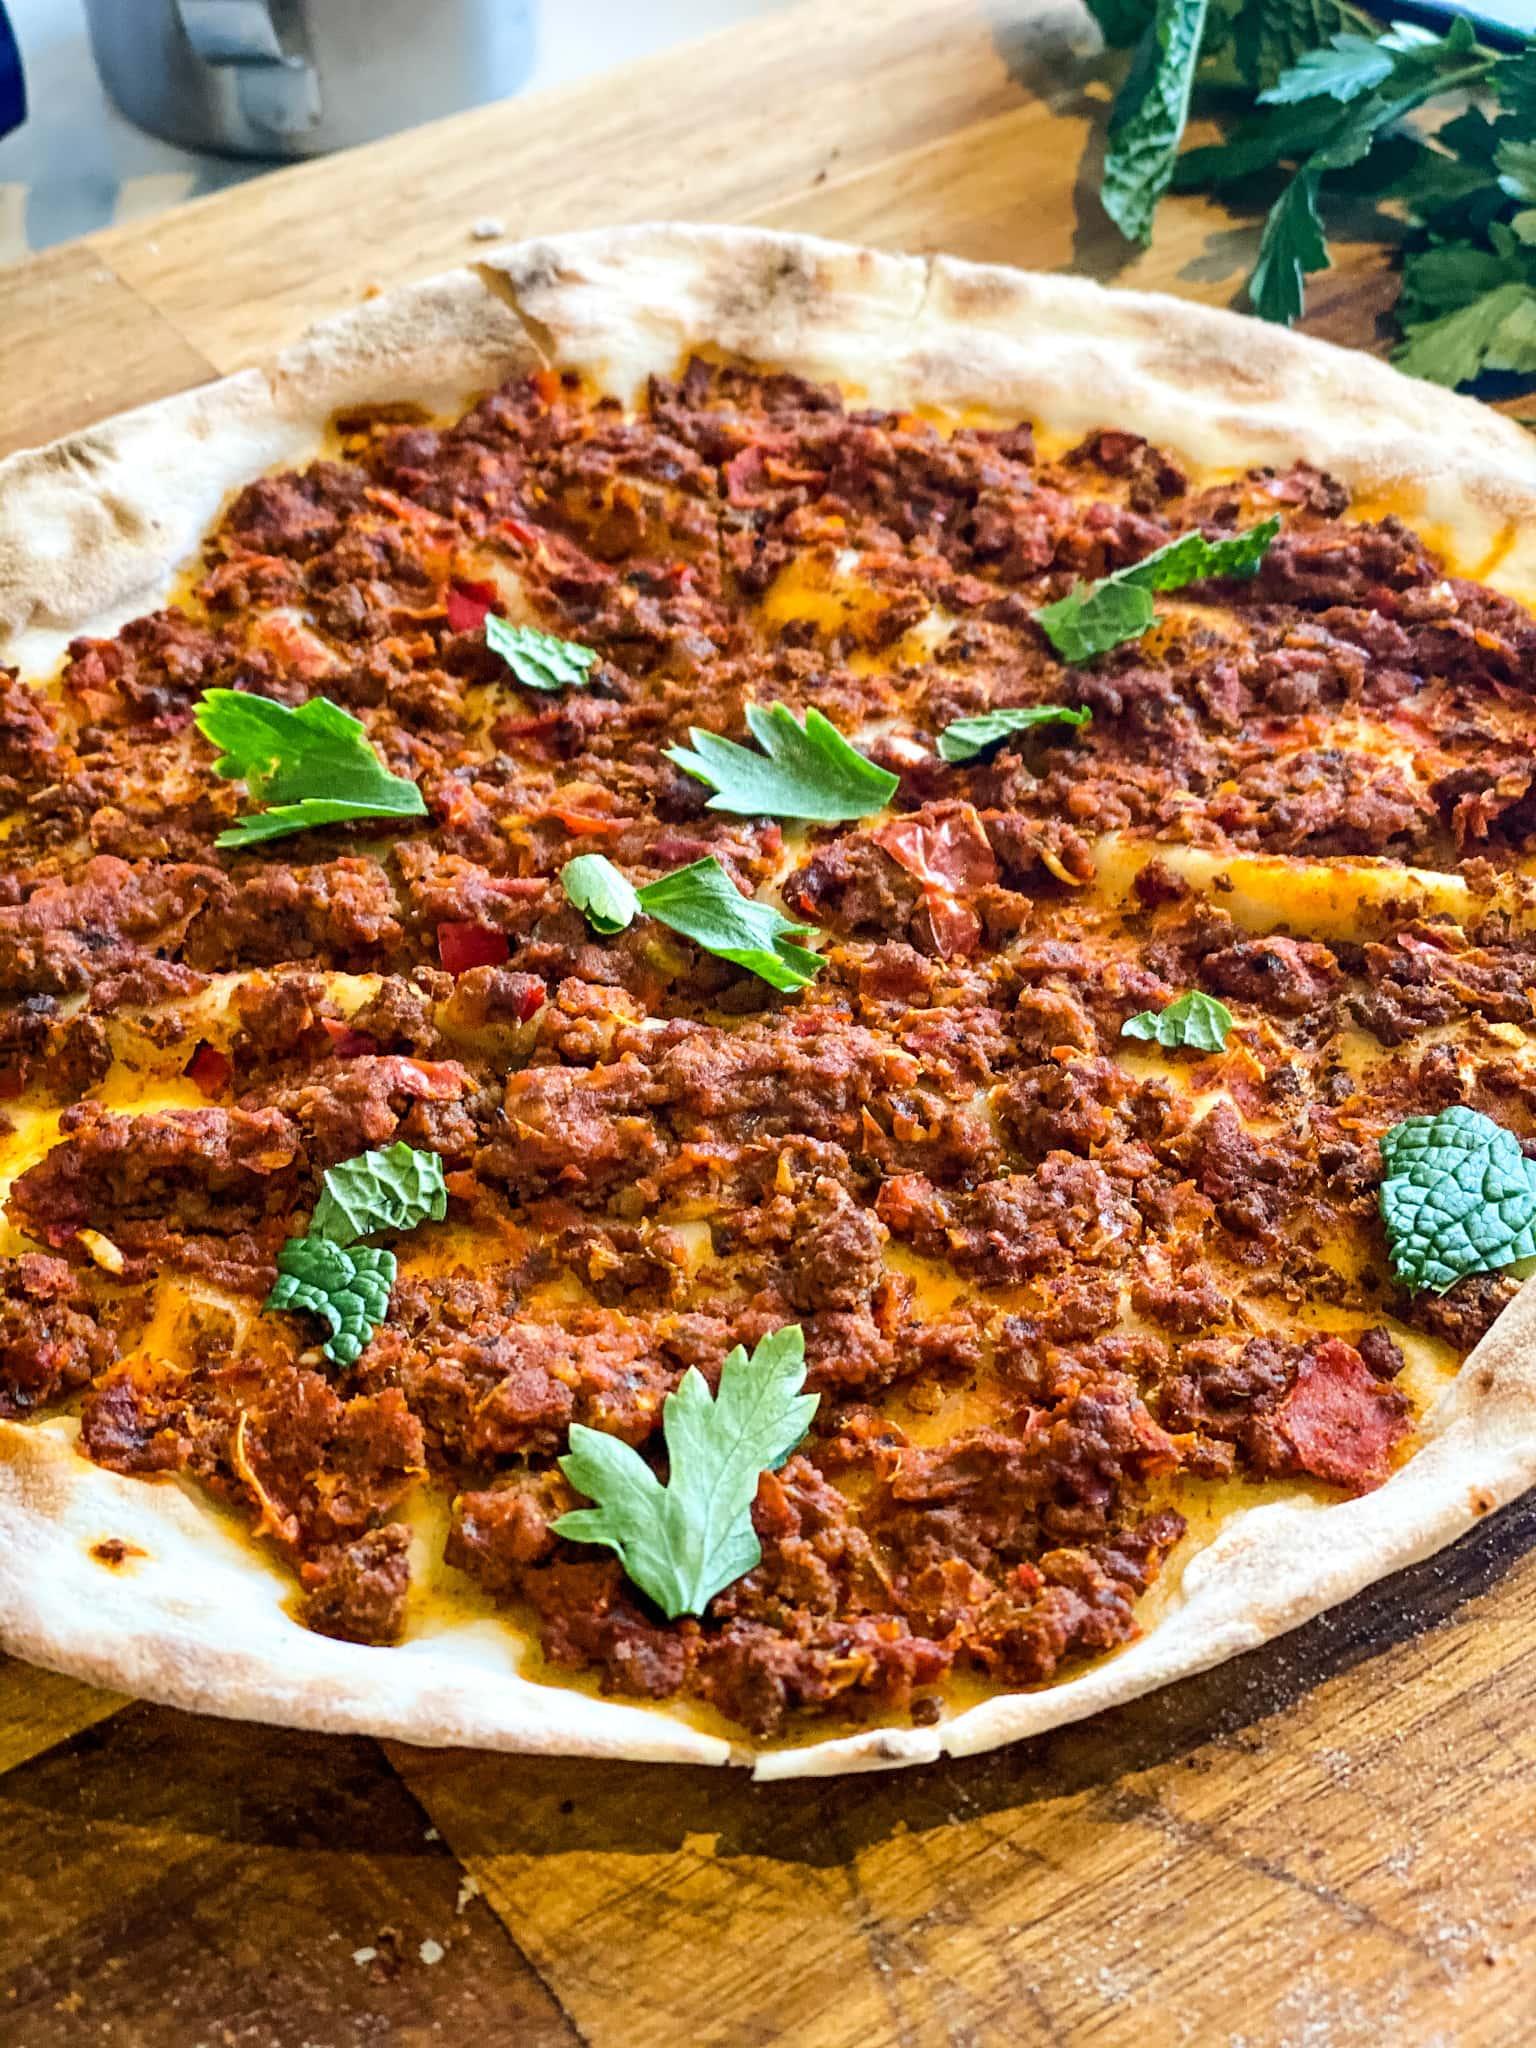 Yves veggie pizza turque